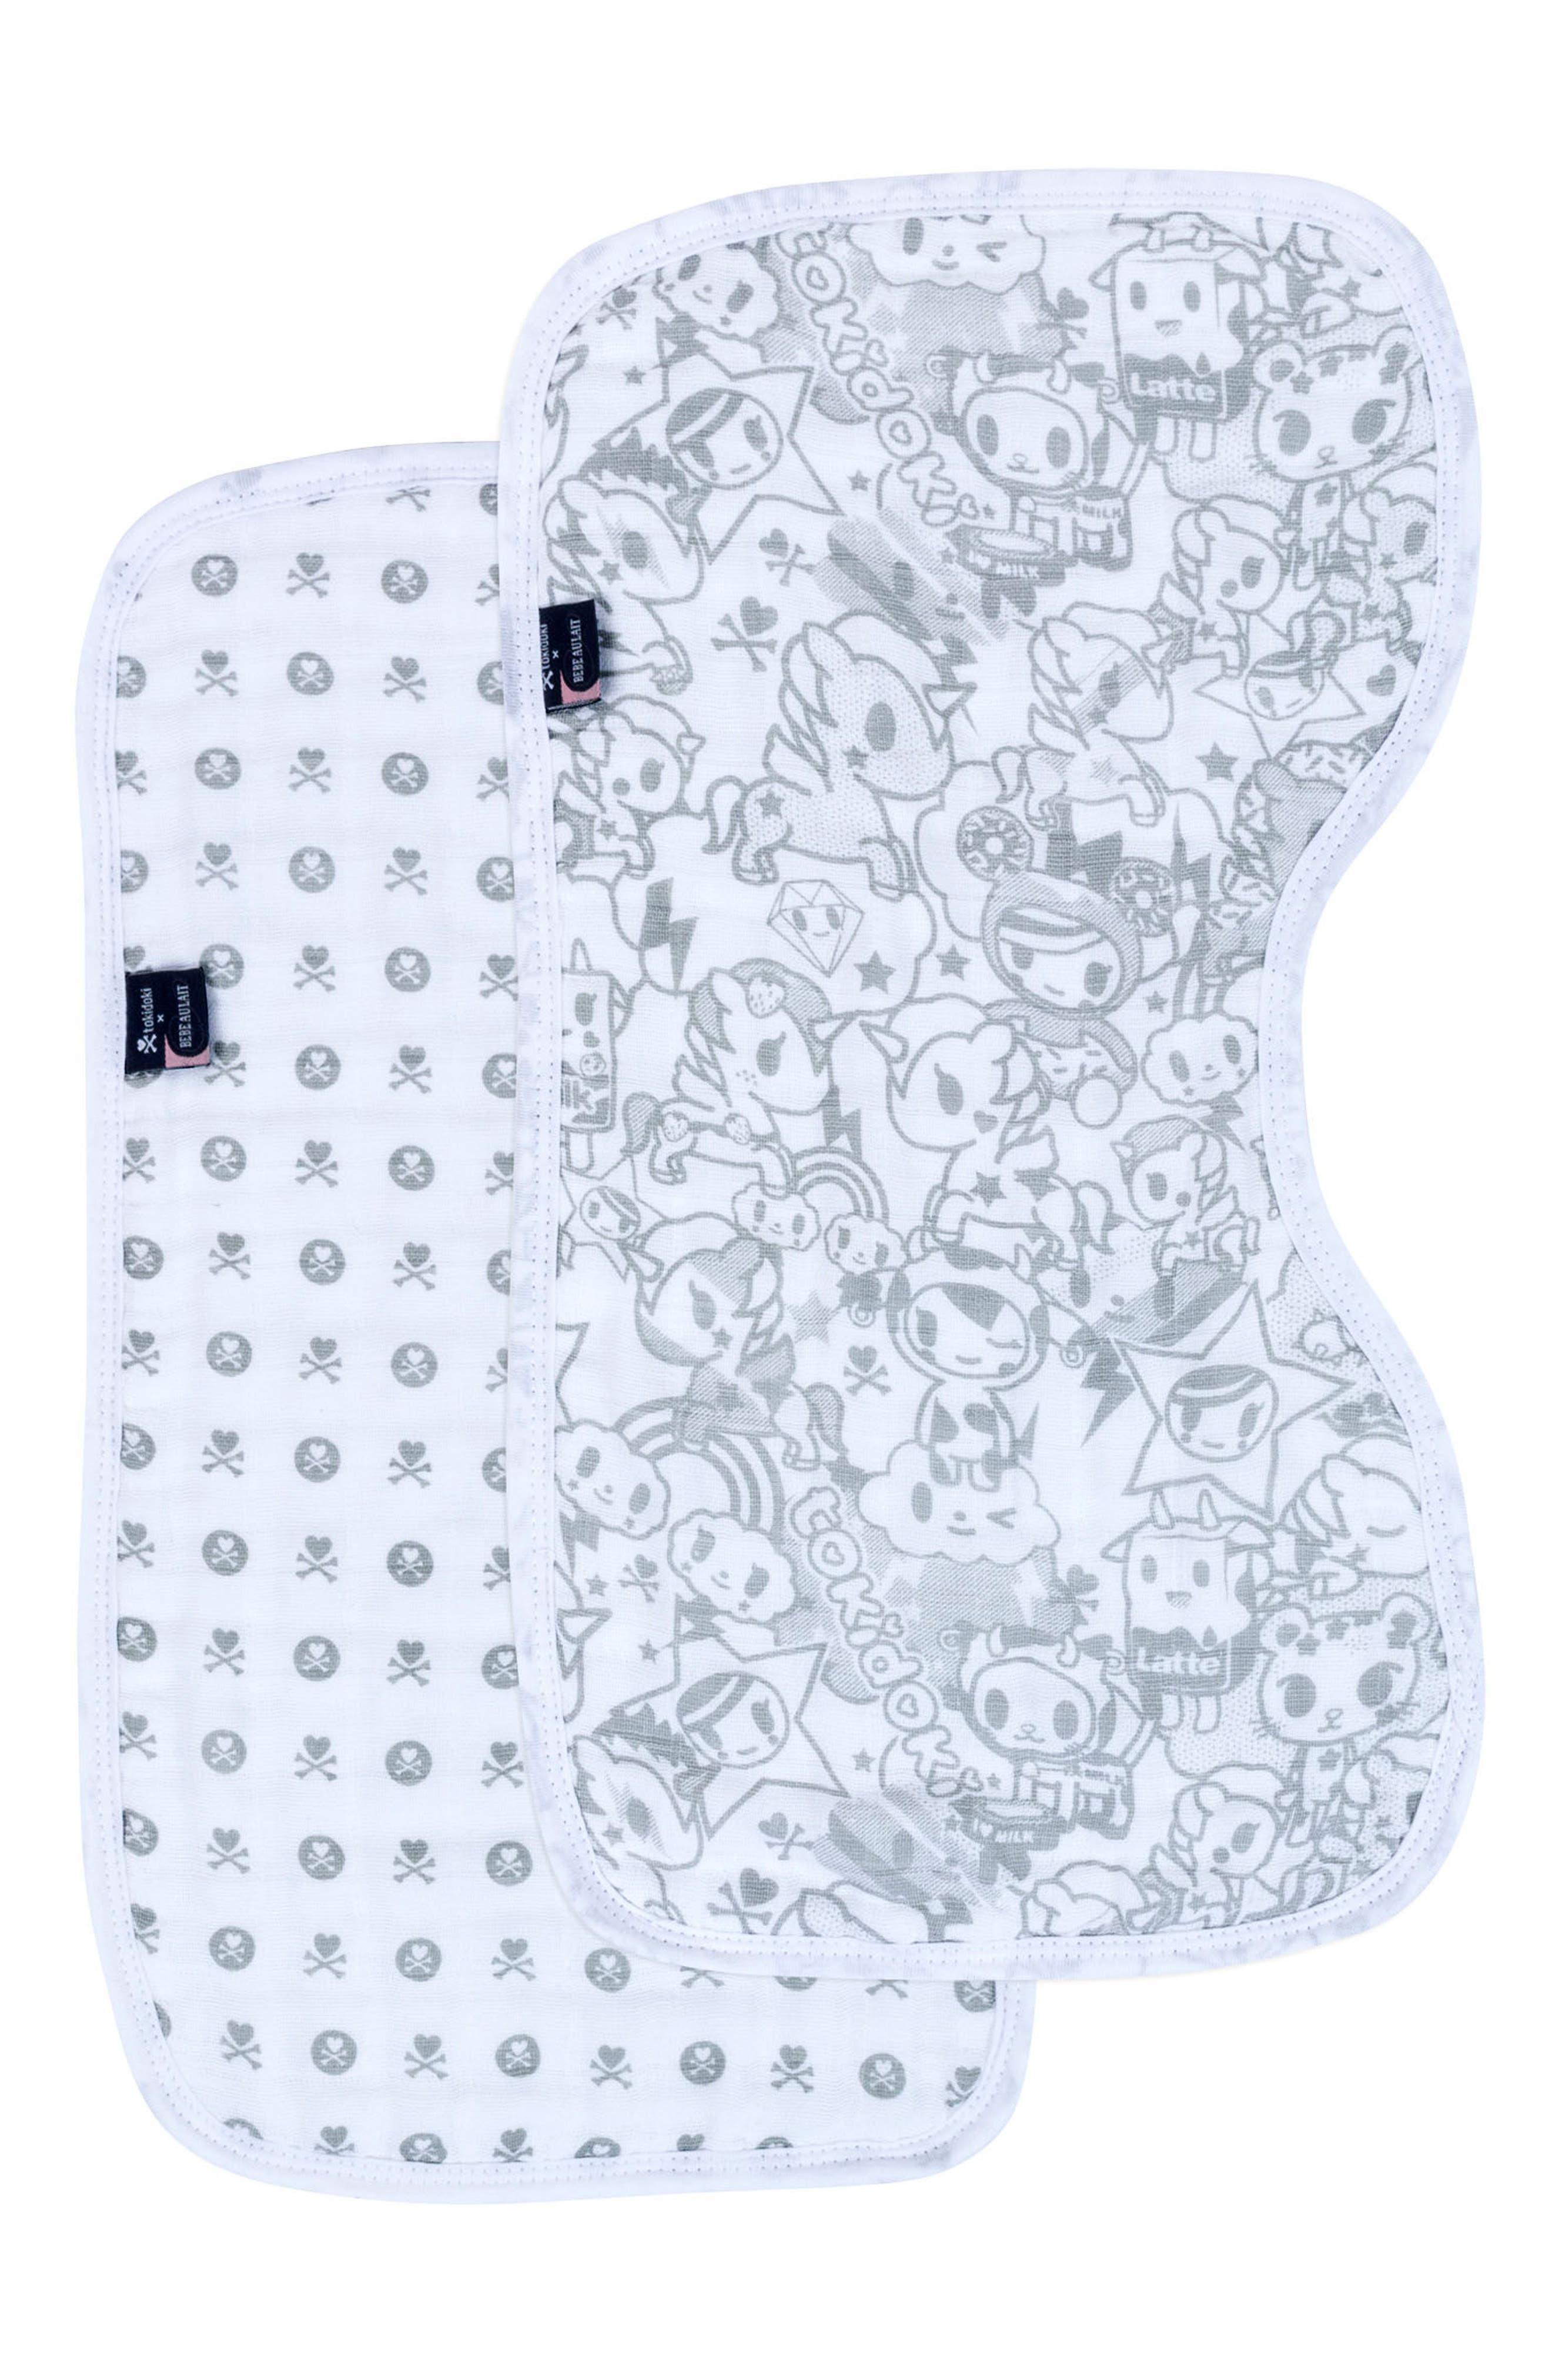 Bébé au Lait Print 2-Pack Muslin Burp Cloth Set